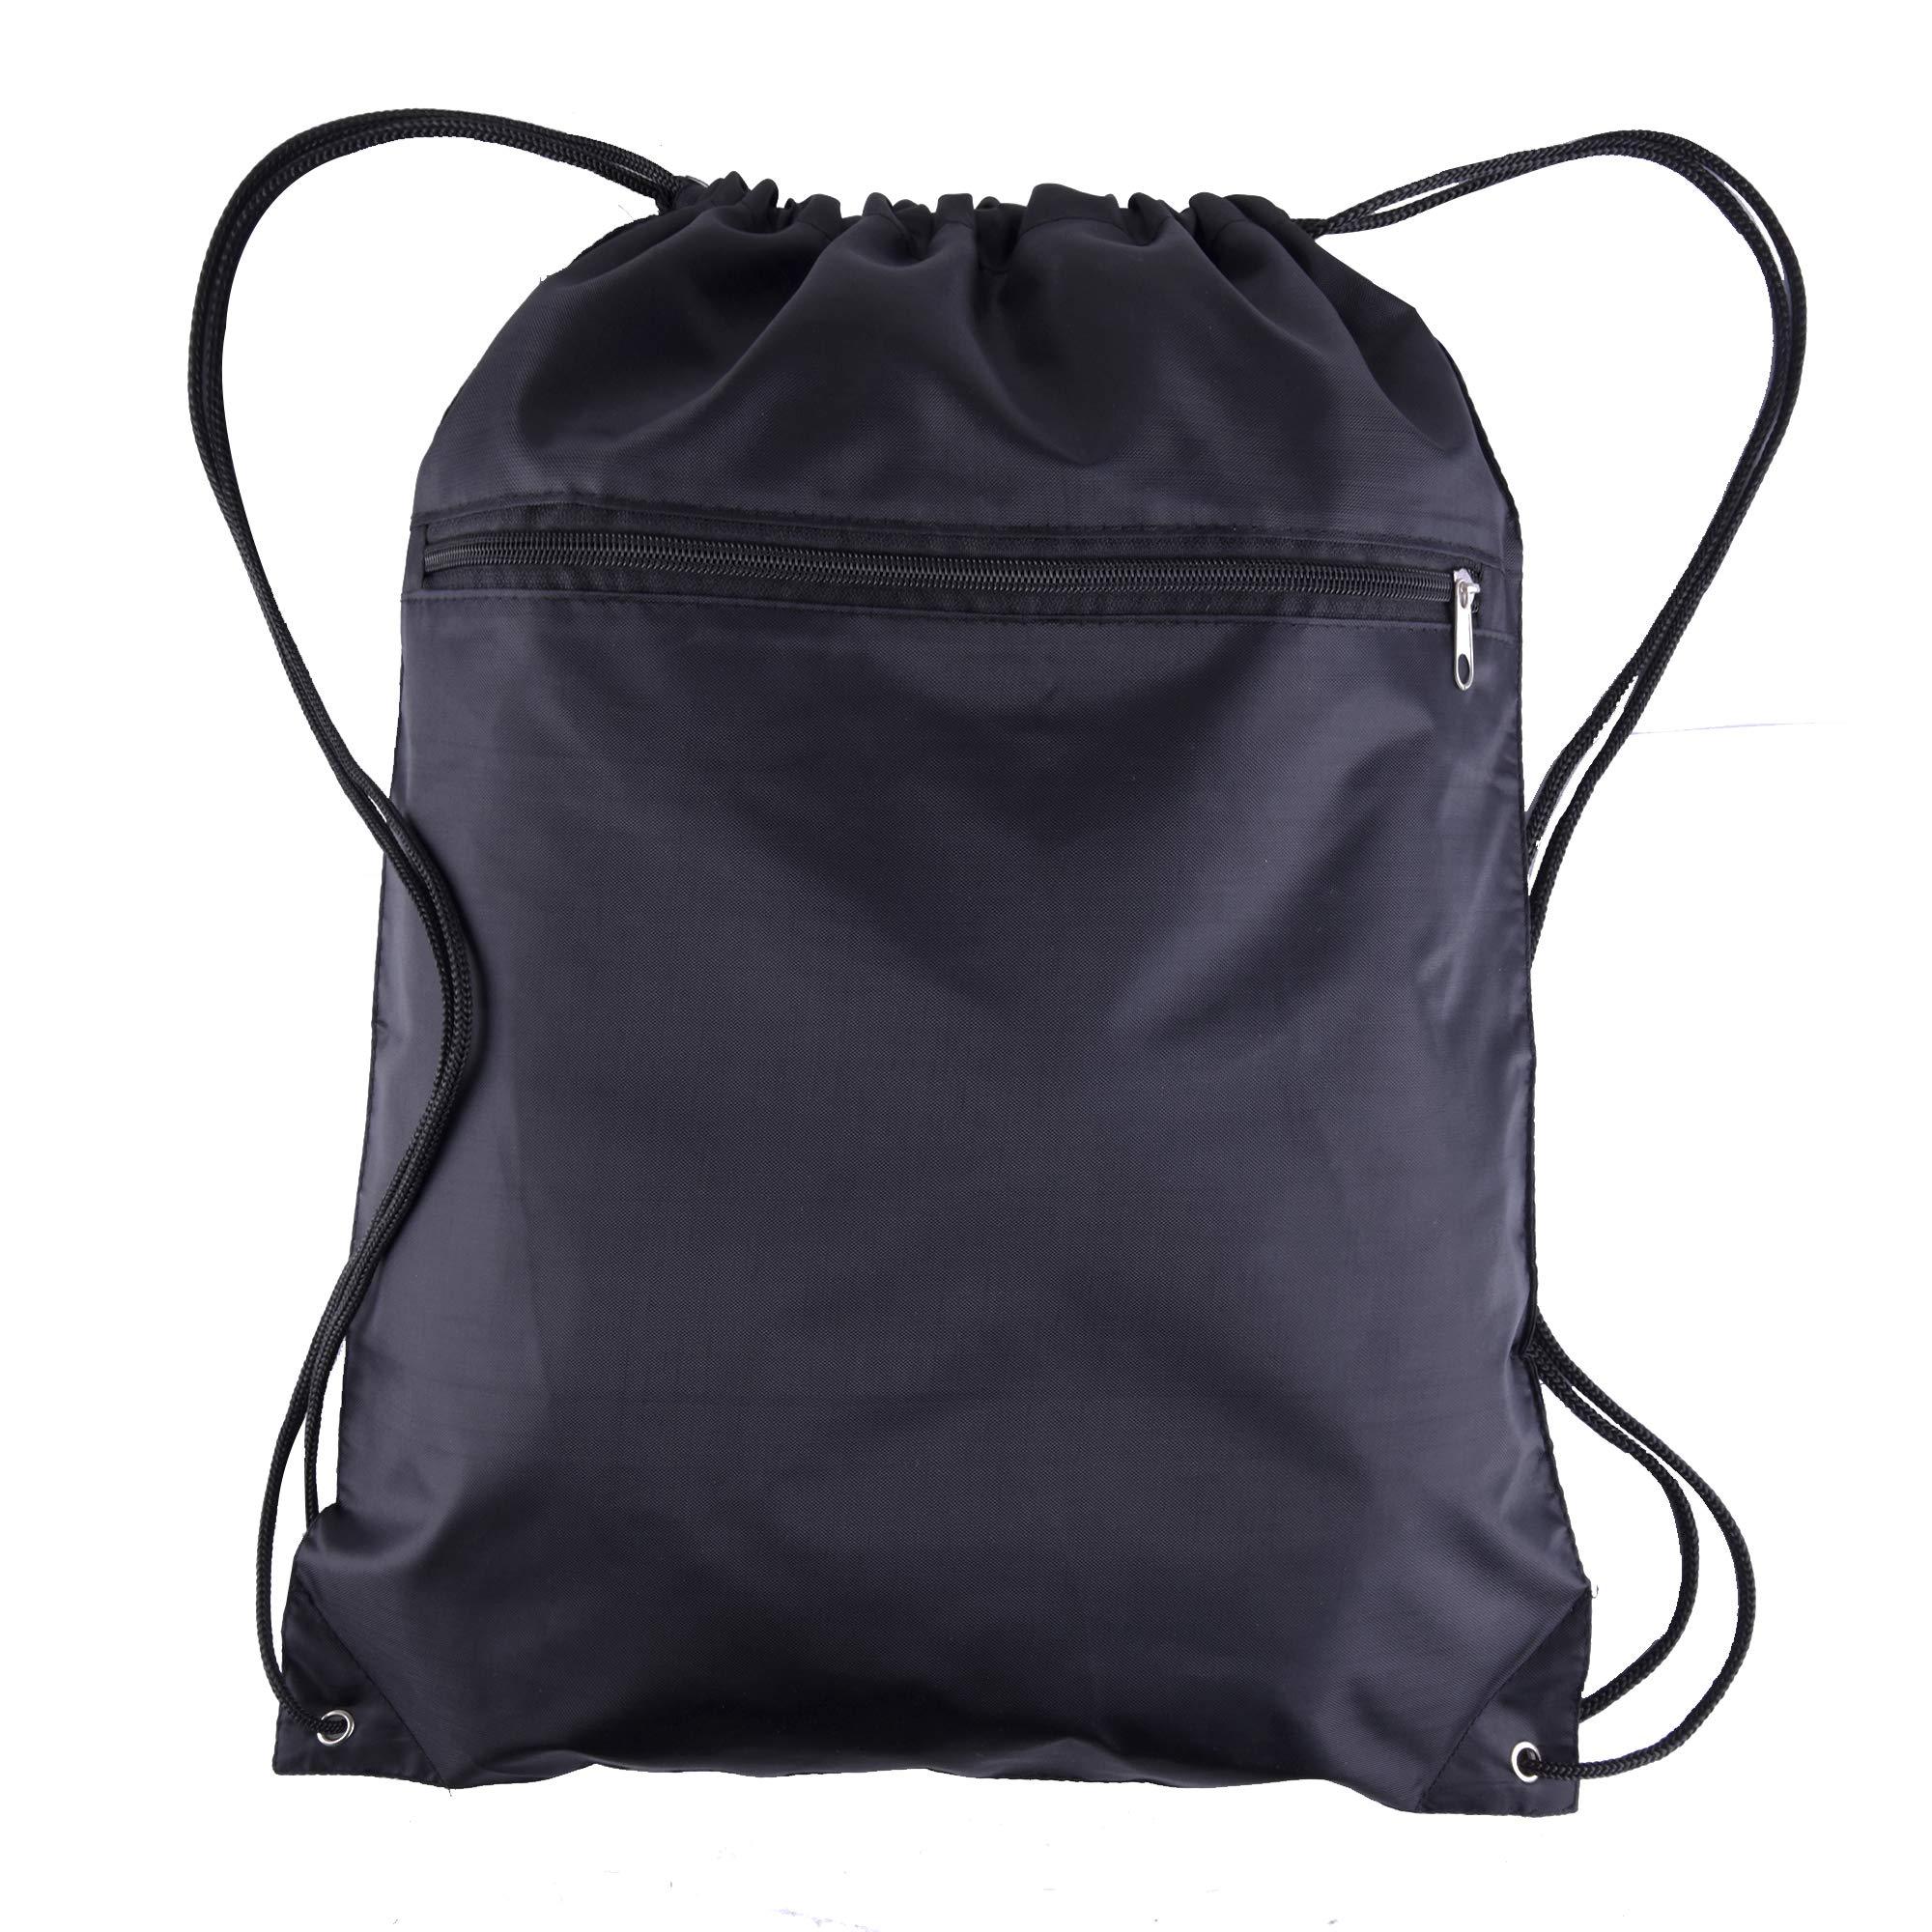 BagzDepot (12 Pack) Promotional Polyester Drawstring Backpack Sack Bag